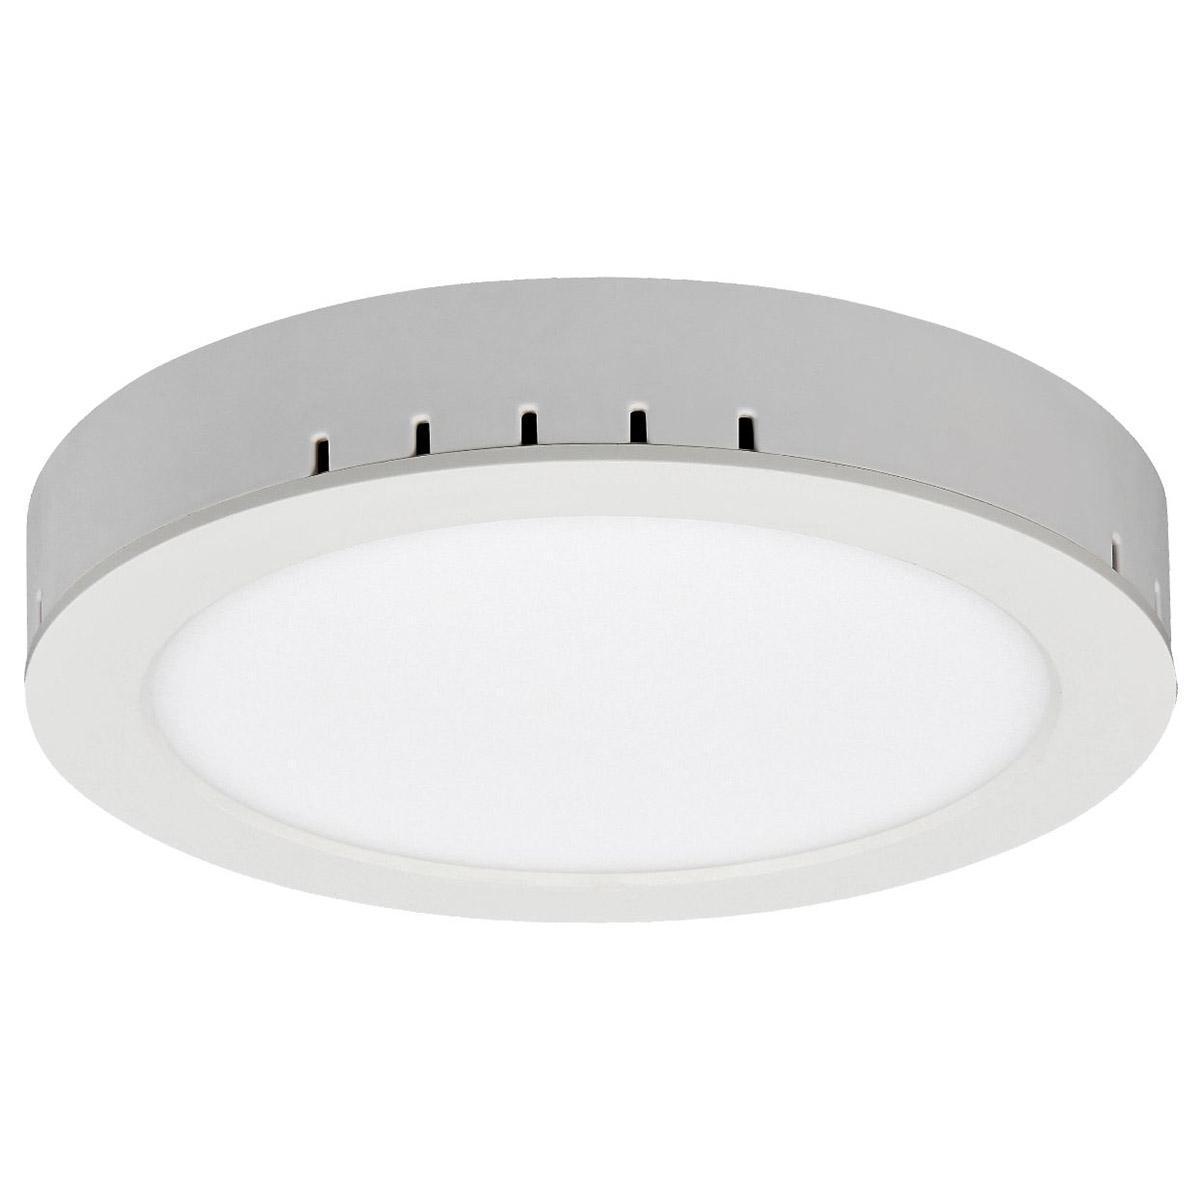 Накладной светодиодный светильник Elektrostandard DLR020 24W 4200K 4690389084577 накладной светодиодный светильник elektrostandard dlr020 18w 4200k 4690389084560